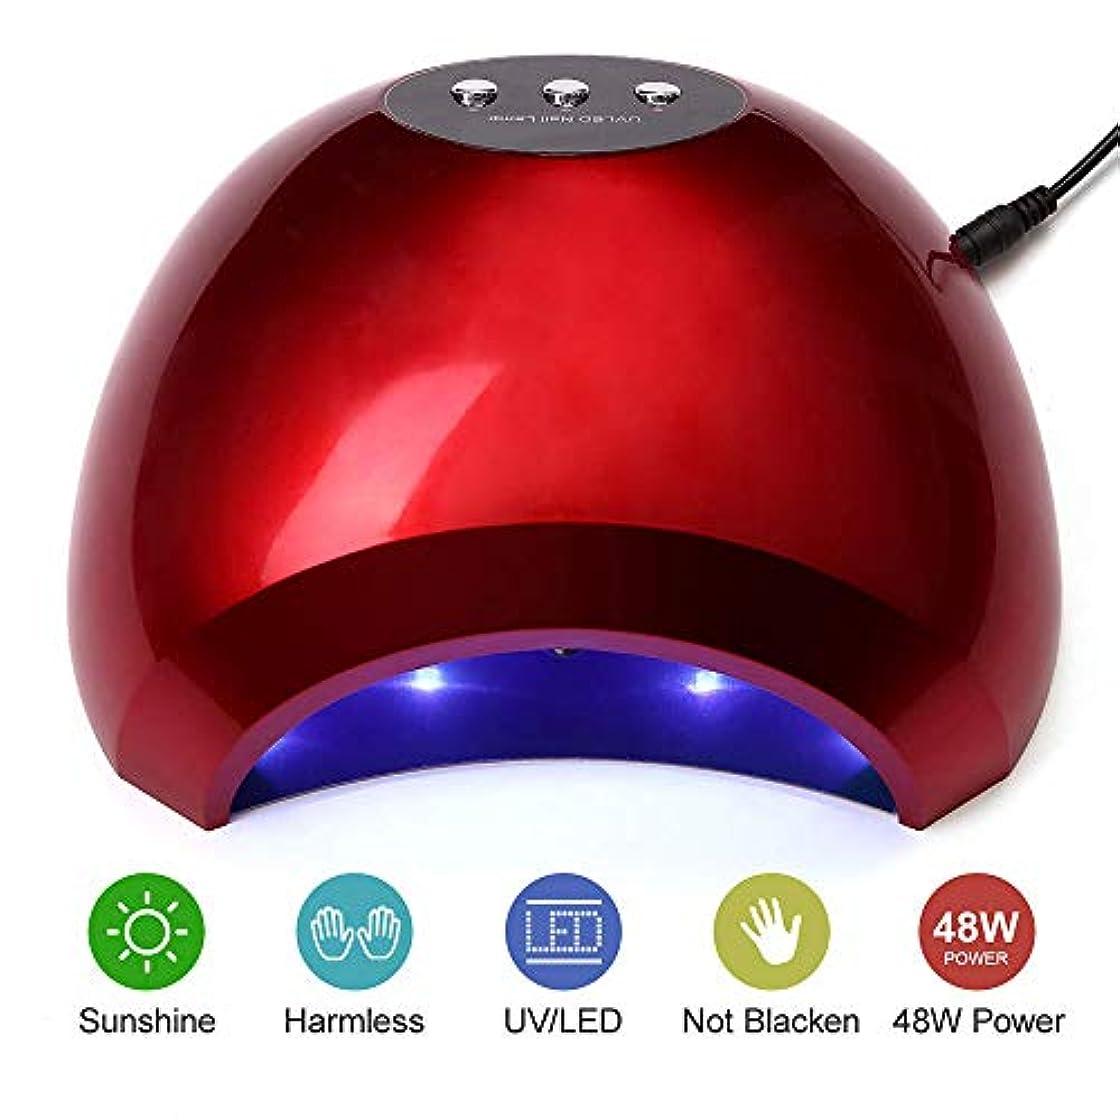 カンガルー避ける書くネイルドライヤーランプ48W UV LEDネイルキュアランプライトソークオフネイルジェルランプマニキュアペディキュアドライヤー付きセンサー高速